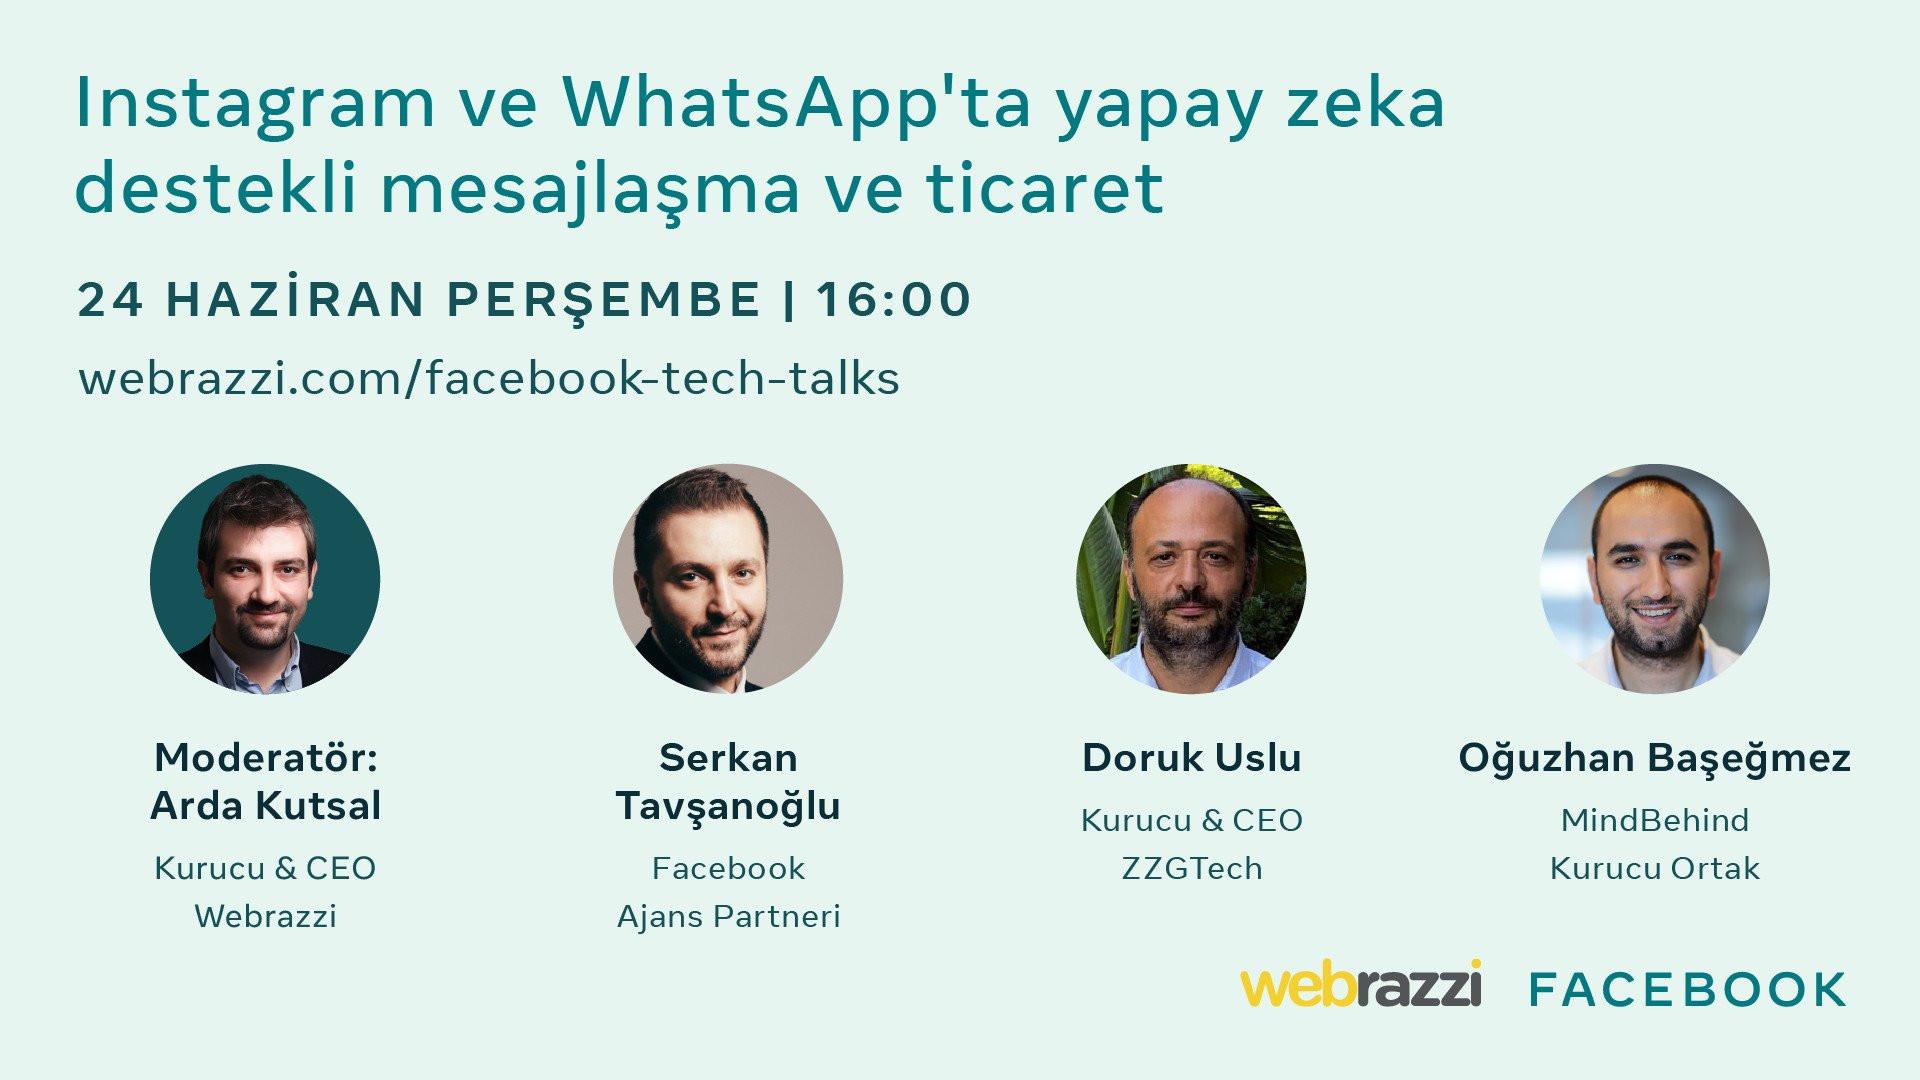 Facebook Tech Talks'ta bu hafta, Instagram ve WhatsApp'ta yapay zeka destekli mesajlaşma ve ticareti konuşacağız